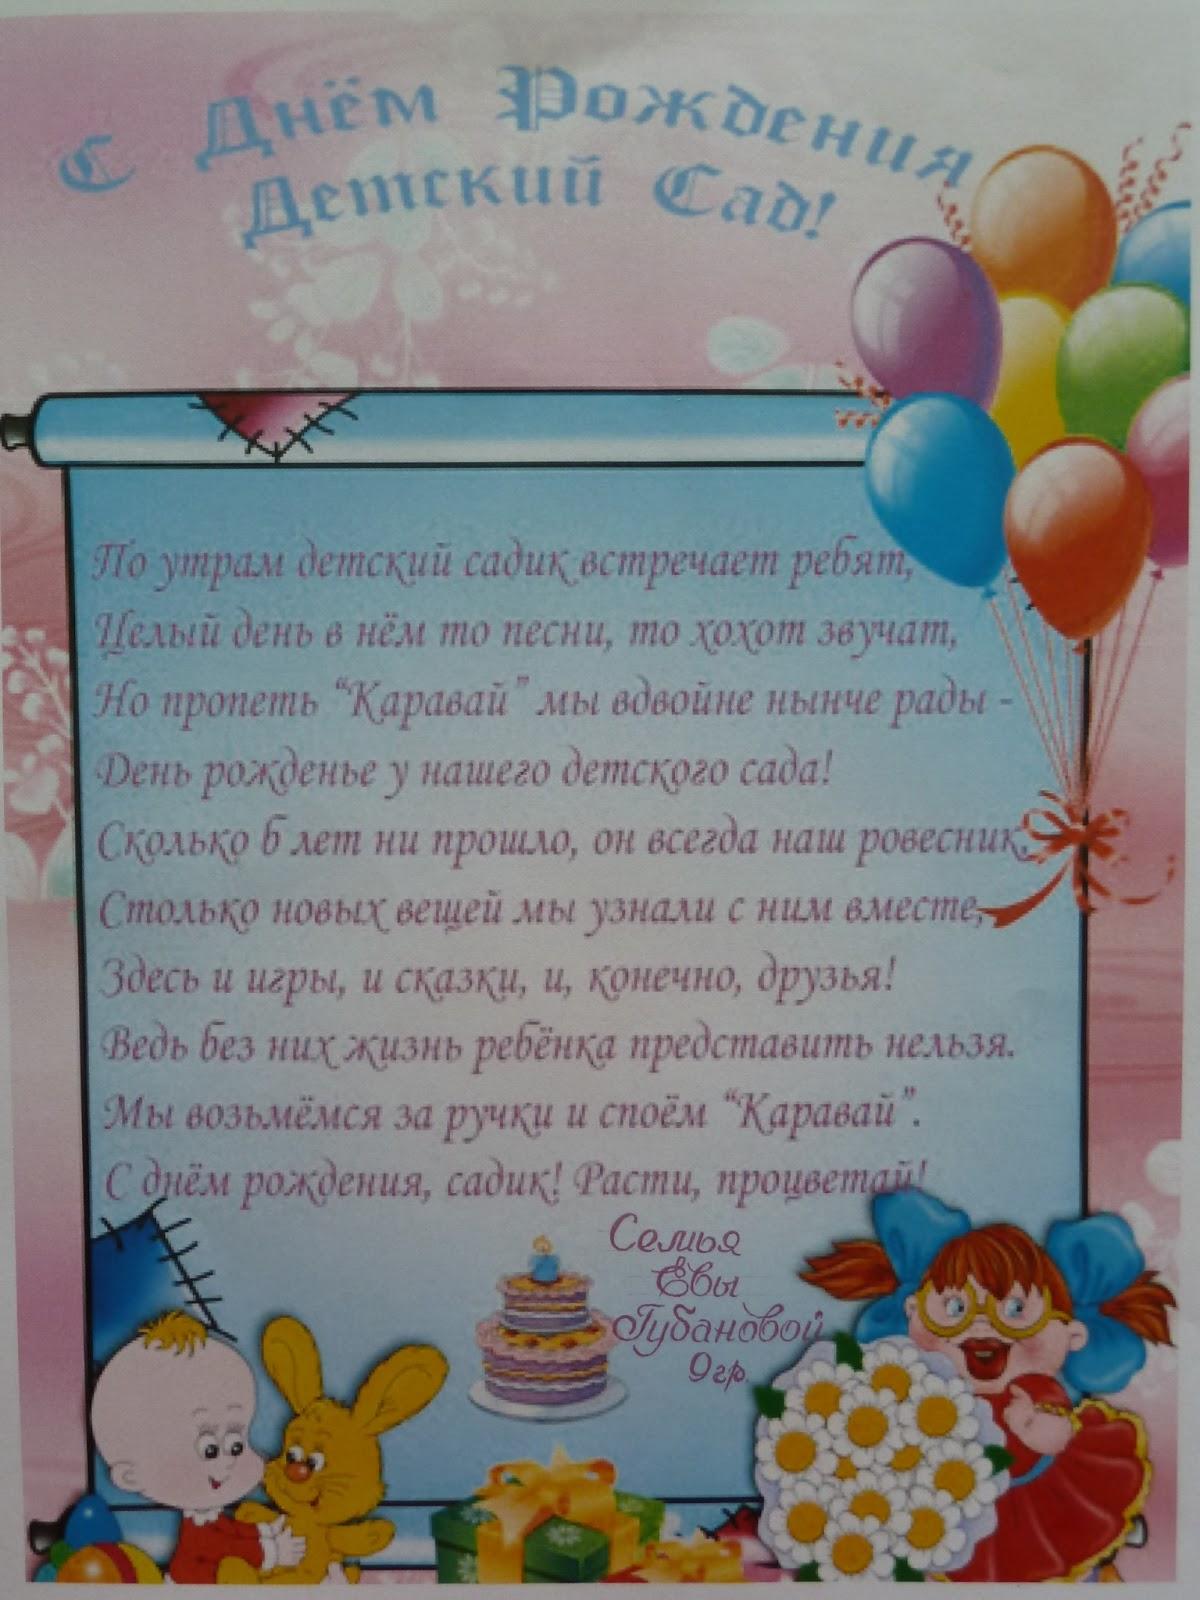 Оригинальное поздравление с днем рождения родителям